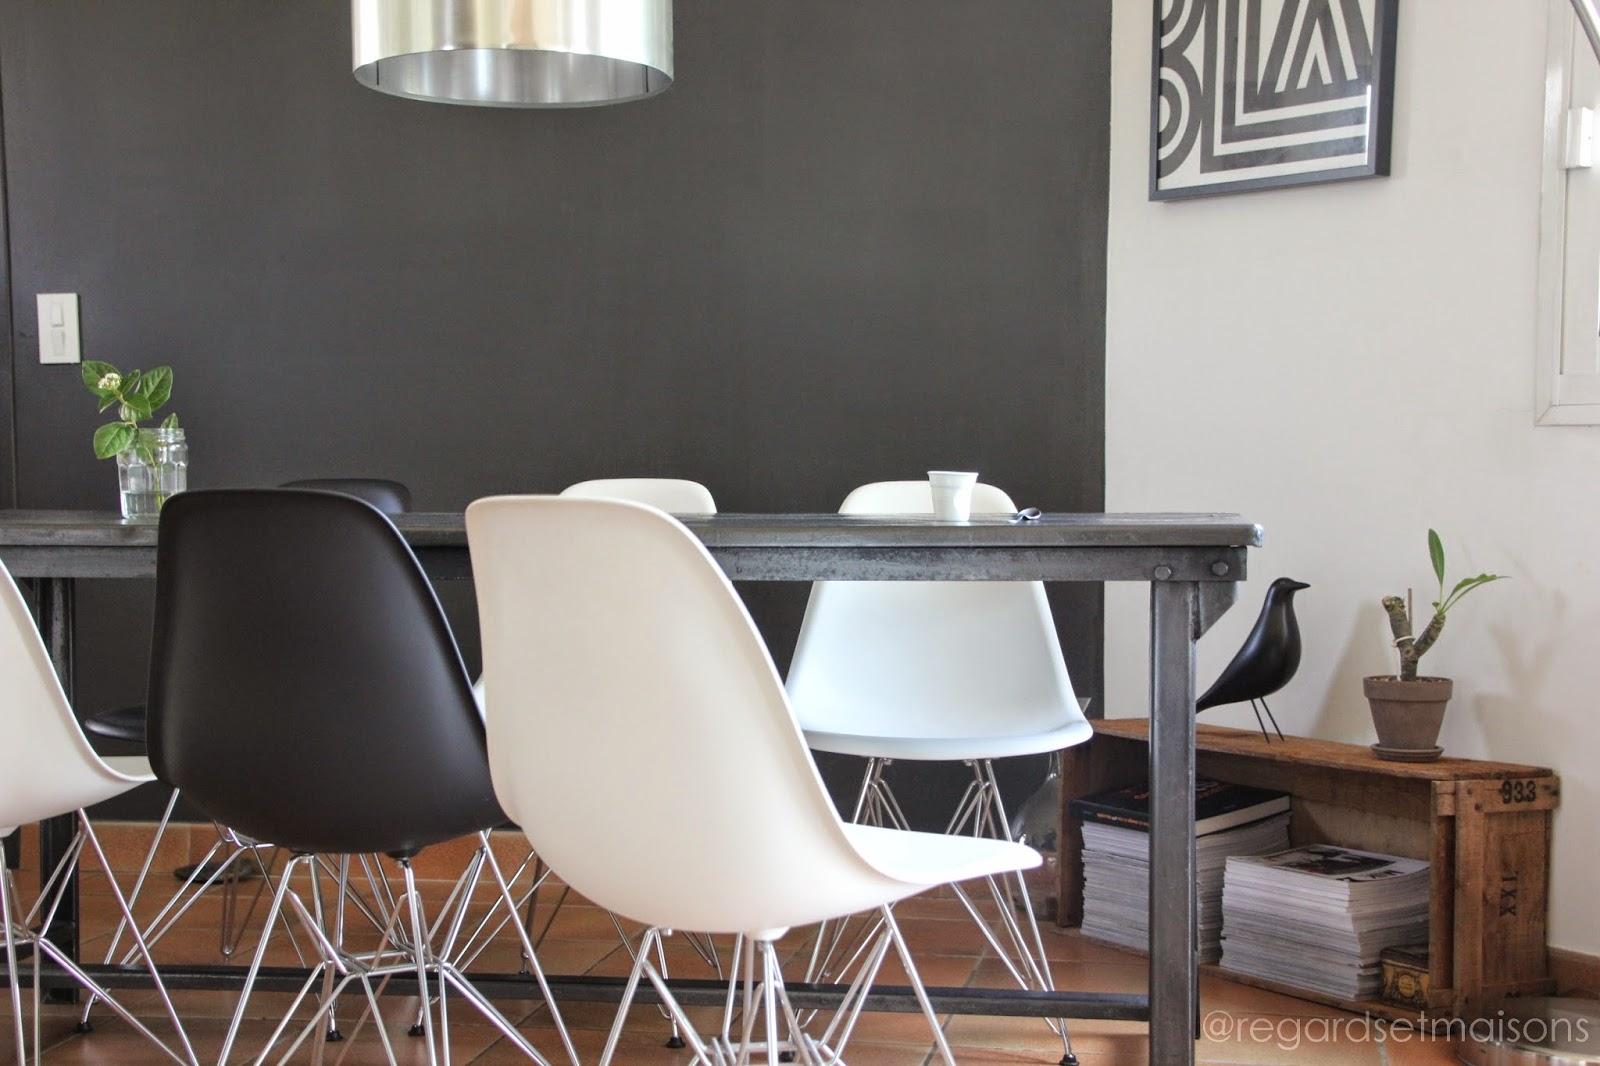 regardsetmaisons: ma nouvelle table industrielle avant/après - Chaise Eames Pas Cher